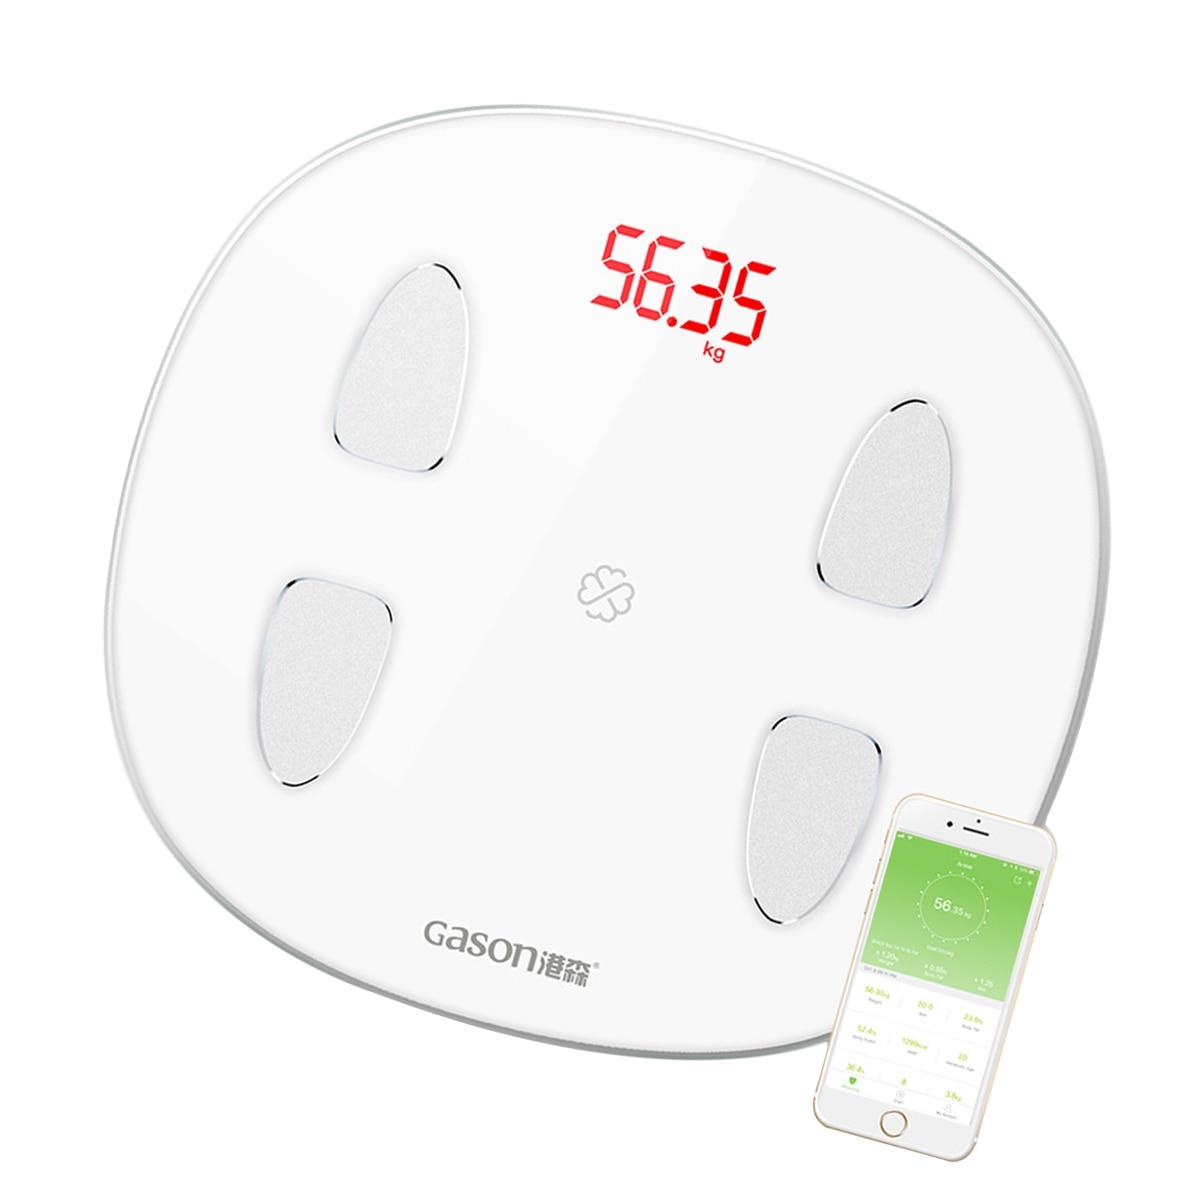 1 шт. весовые весы утилита портативные Bluetooth Stalinite Электронные цифровые весы для домашнего веса ing здоровья